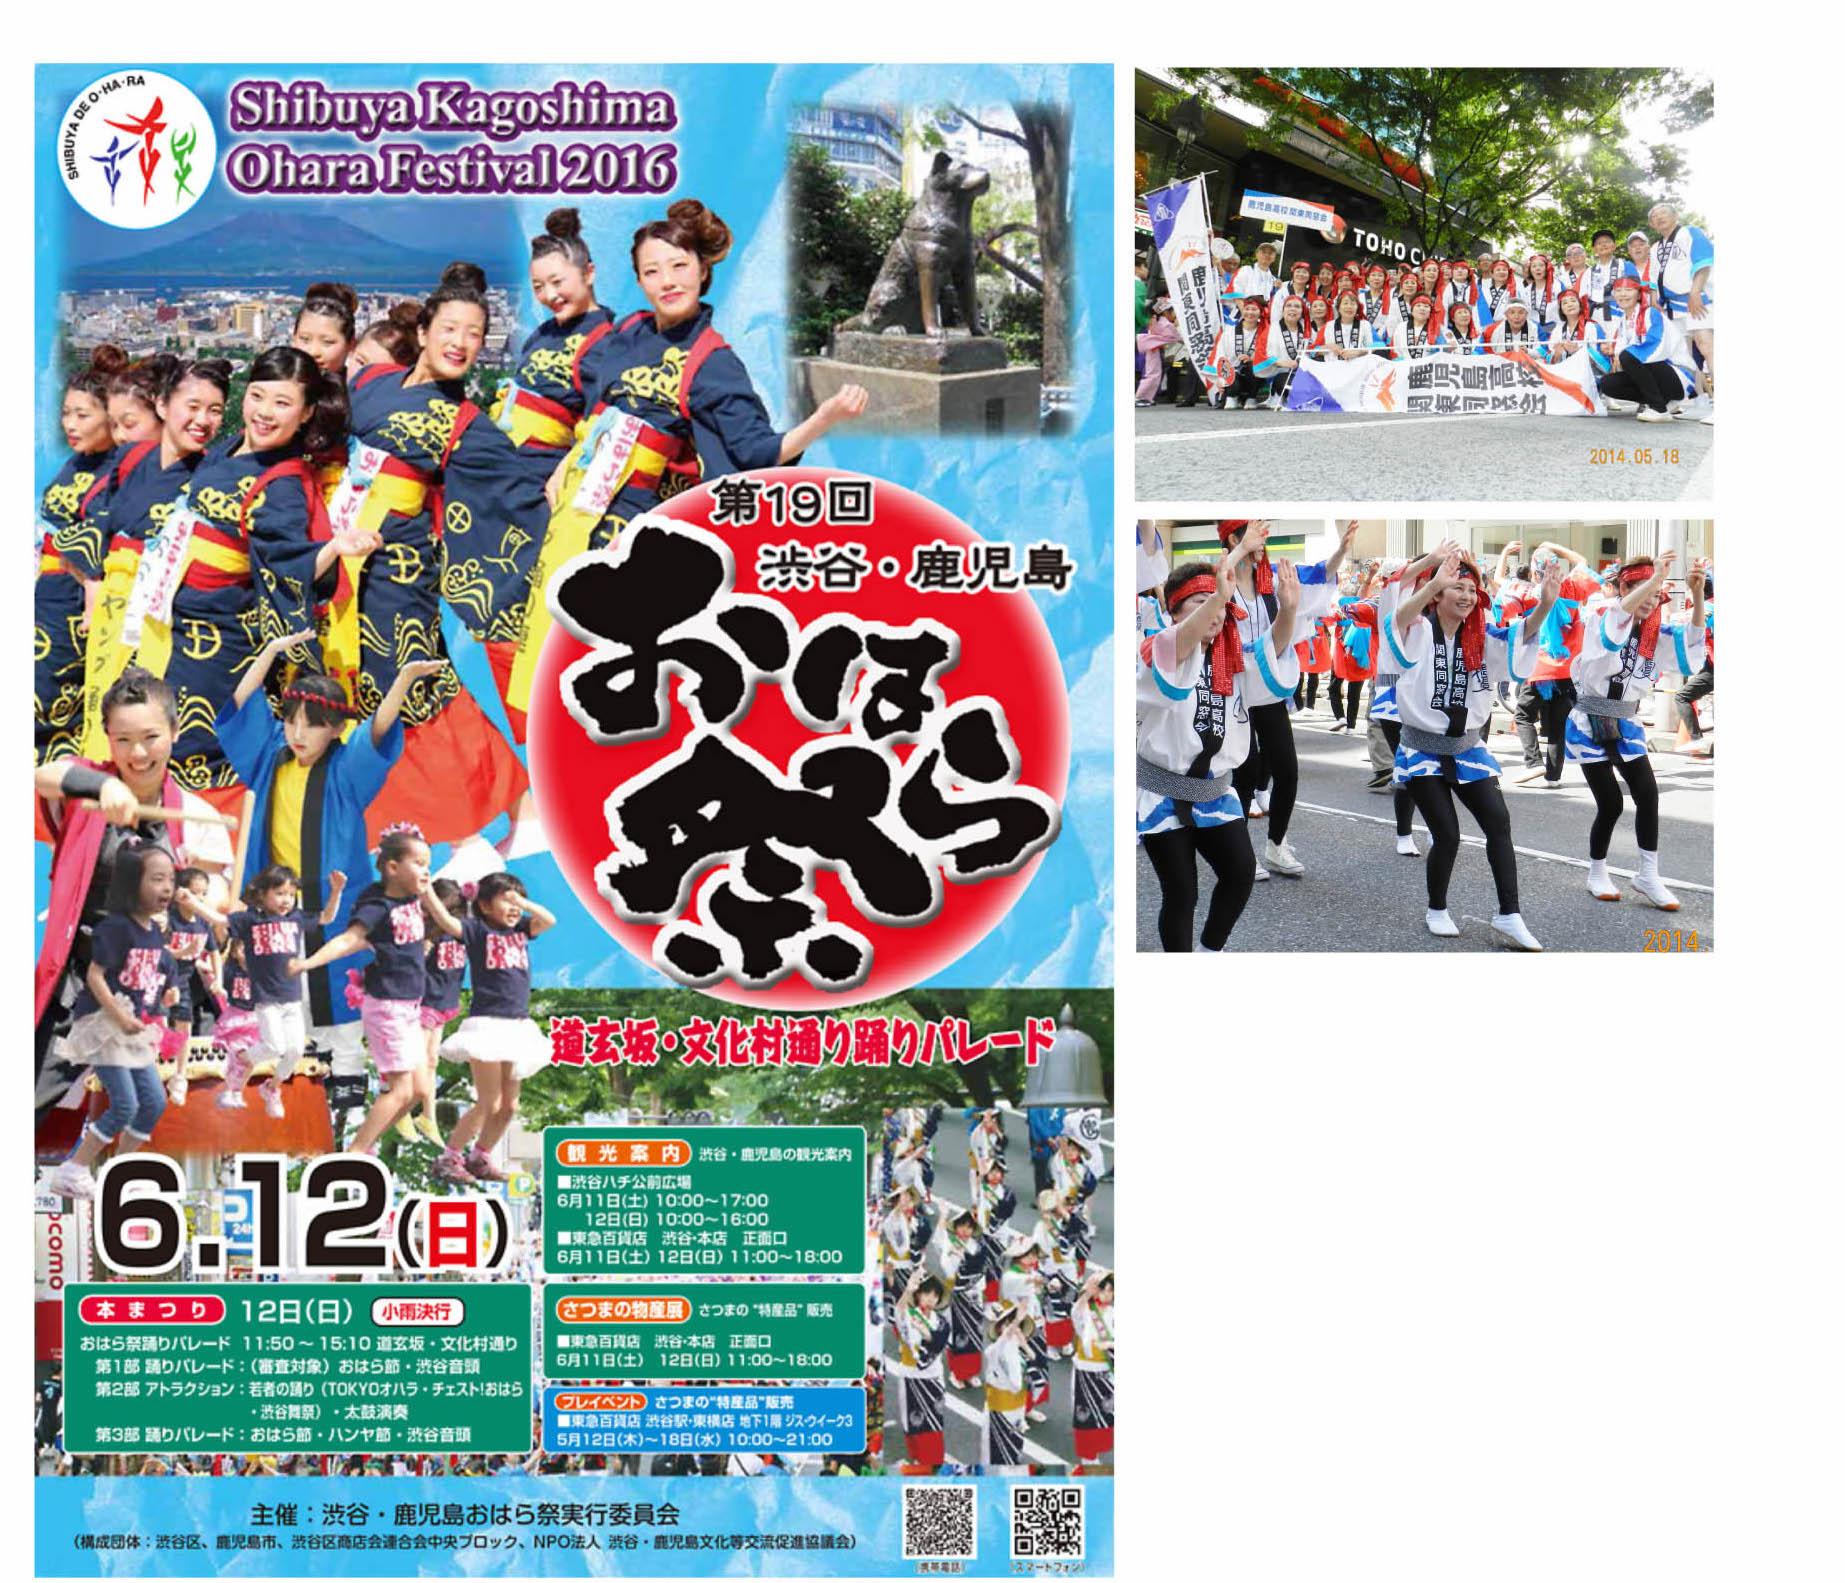 おはら祭り渋谷2016チラシ